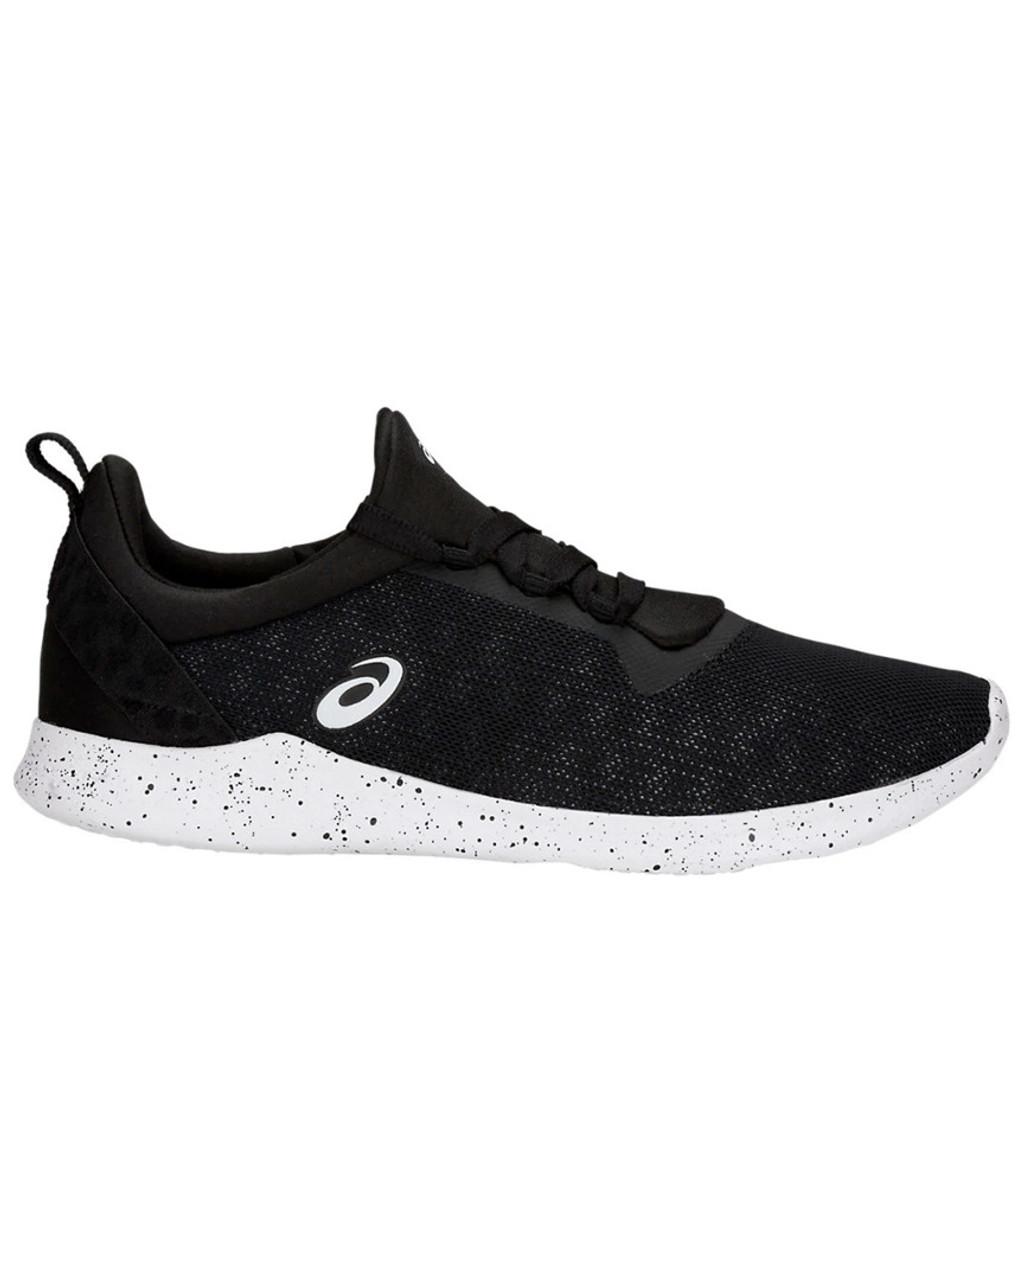 4 Fit Sneaker~1311202899 Sana Asics Gel bY6gf7yv